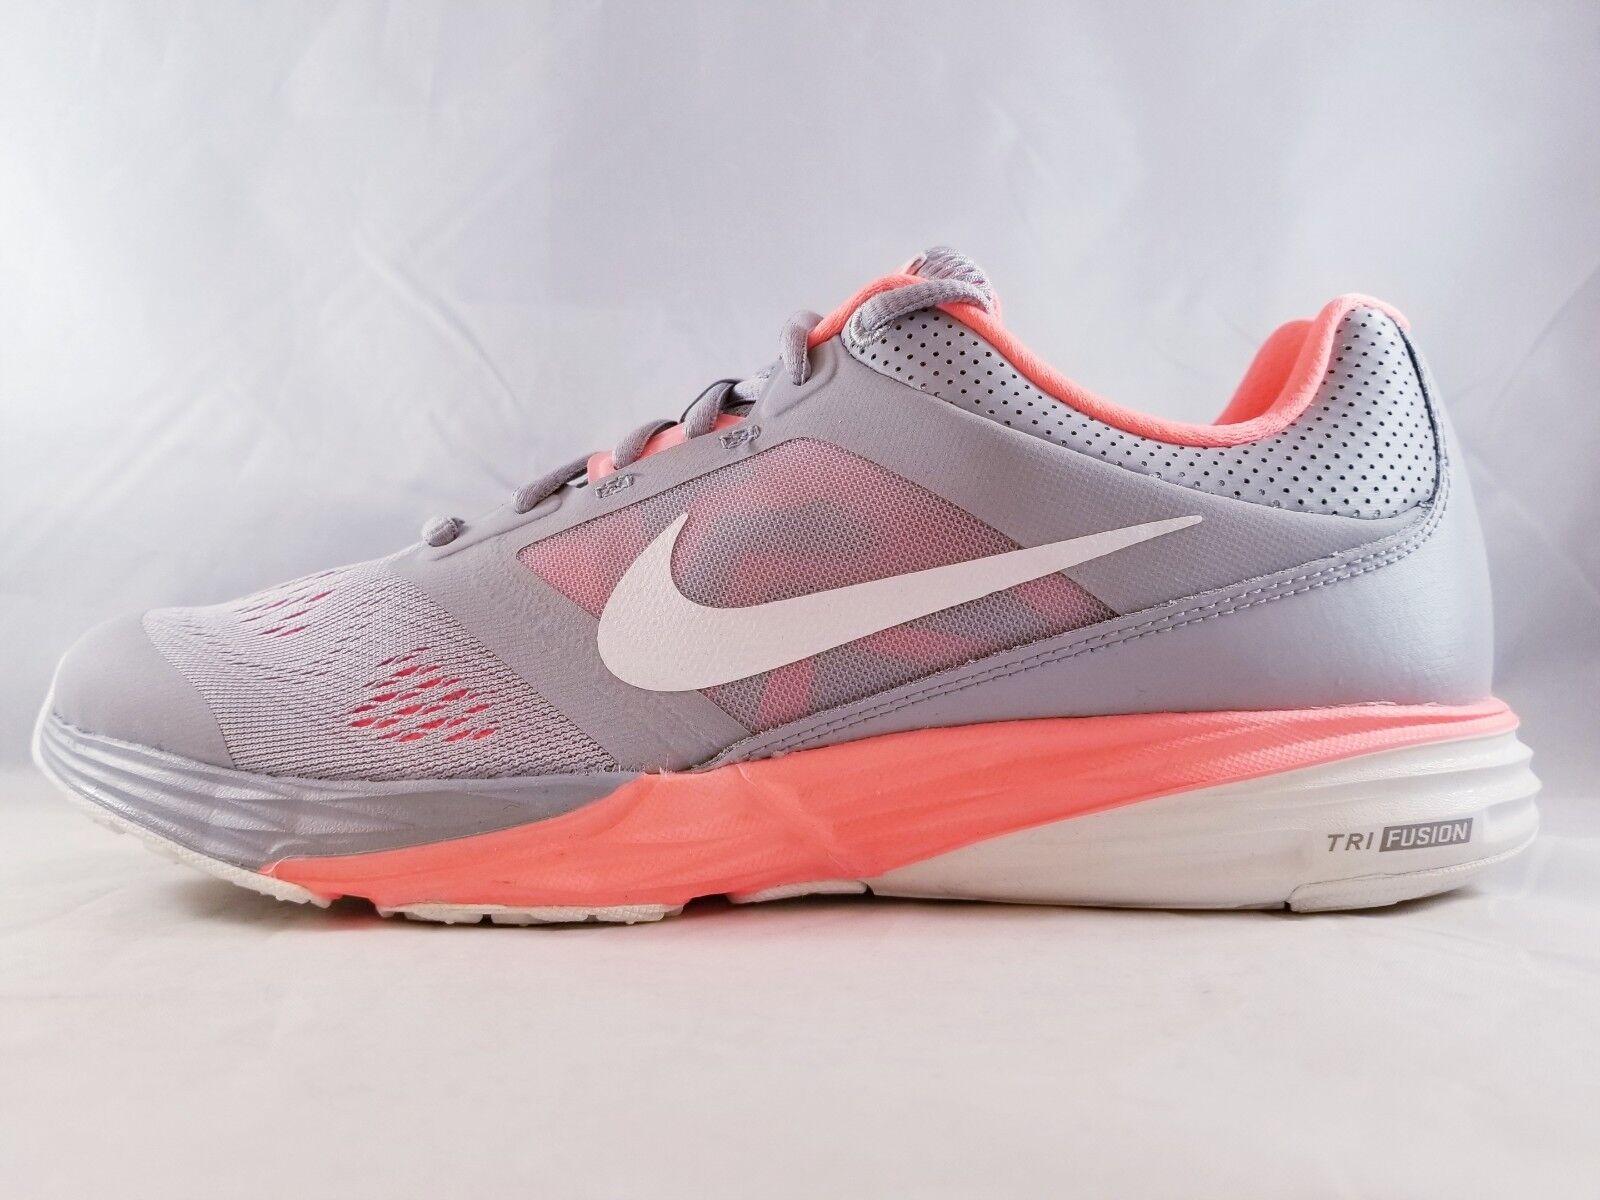 Nike fusione correre le scarpe da corsa 749176 006 dimensioni 10,5